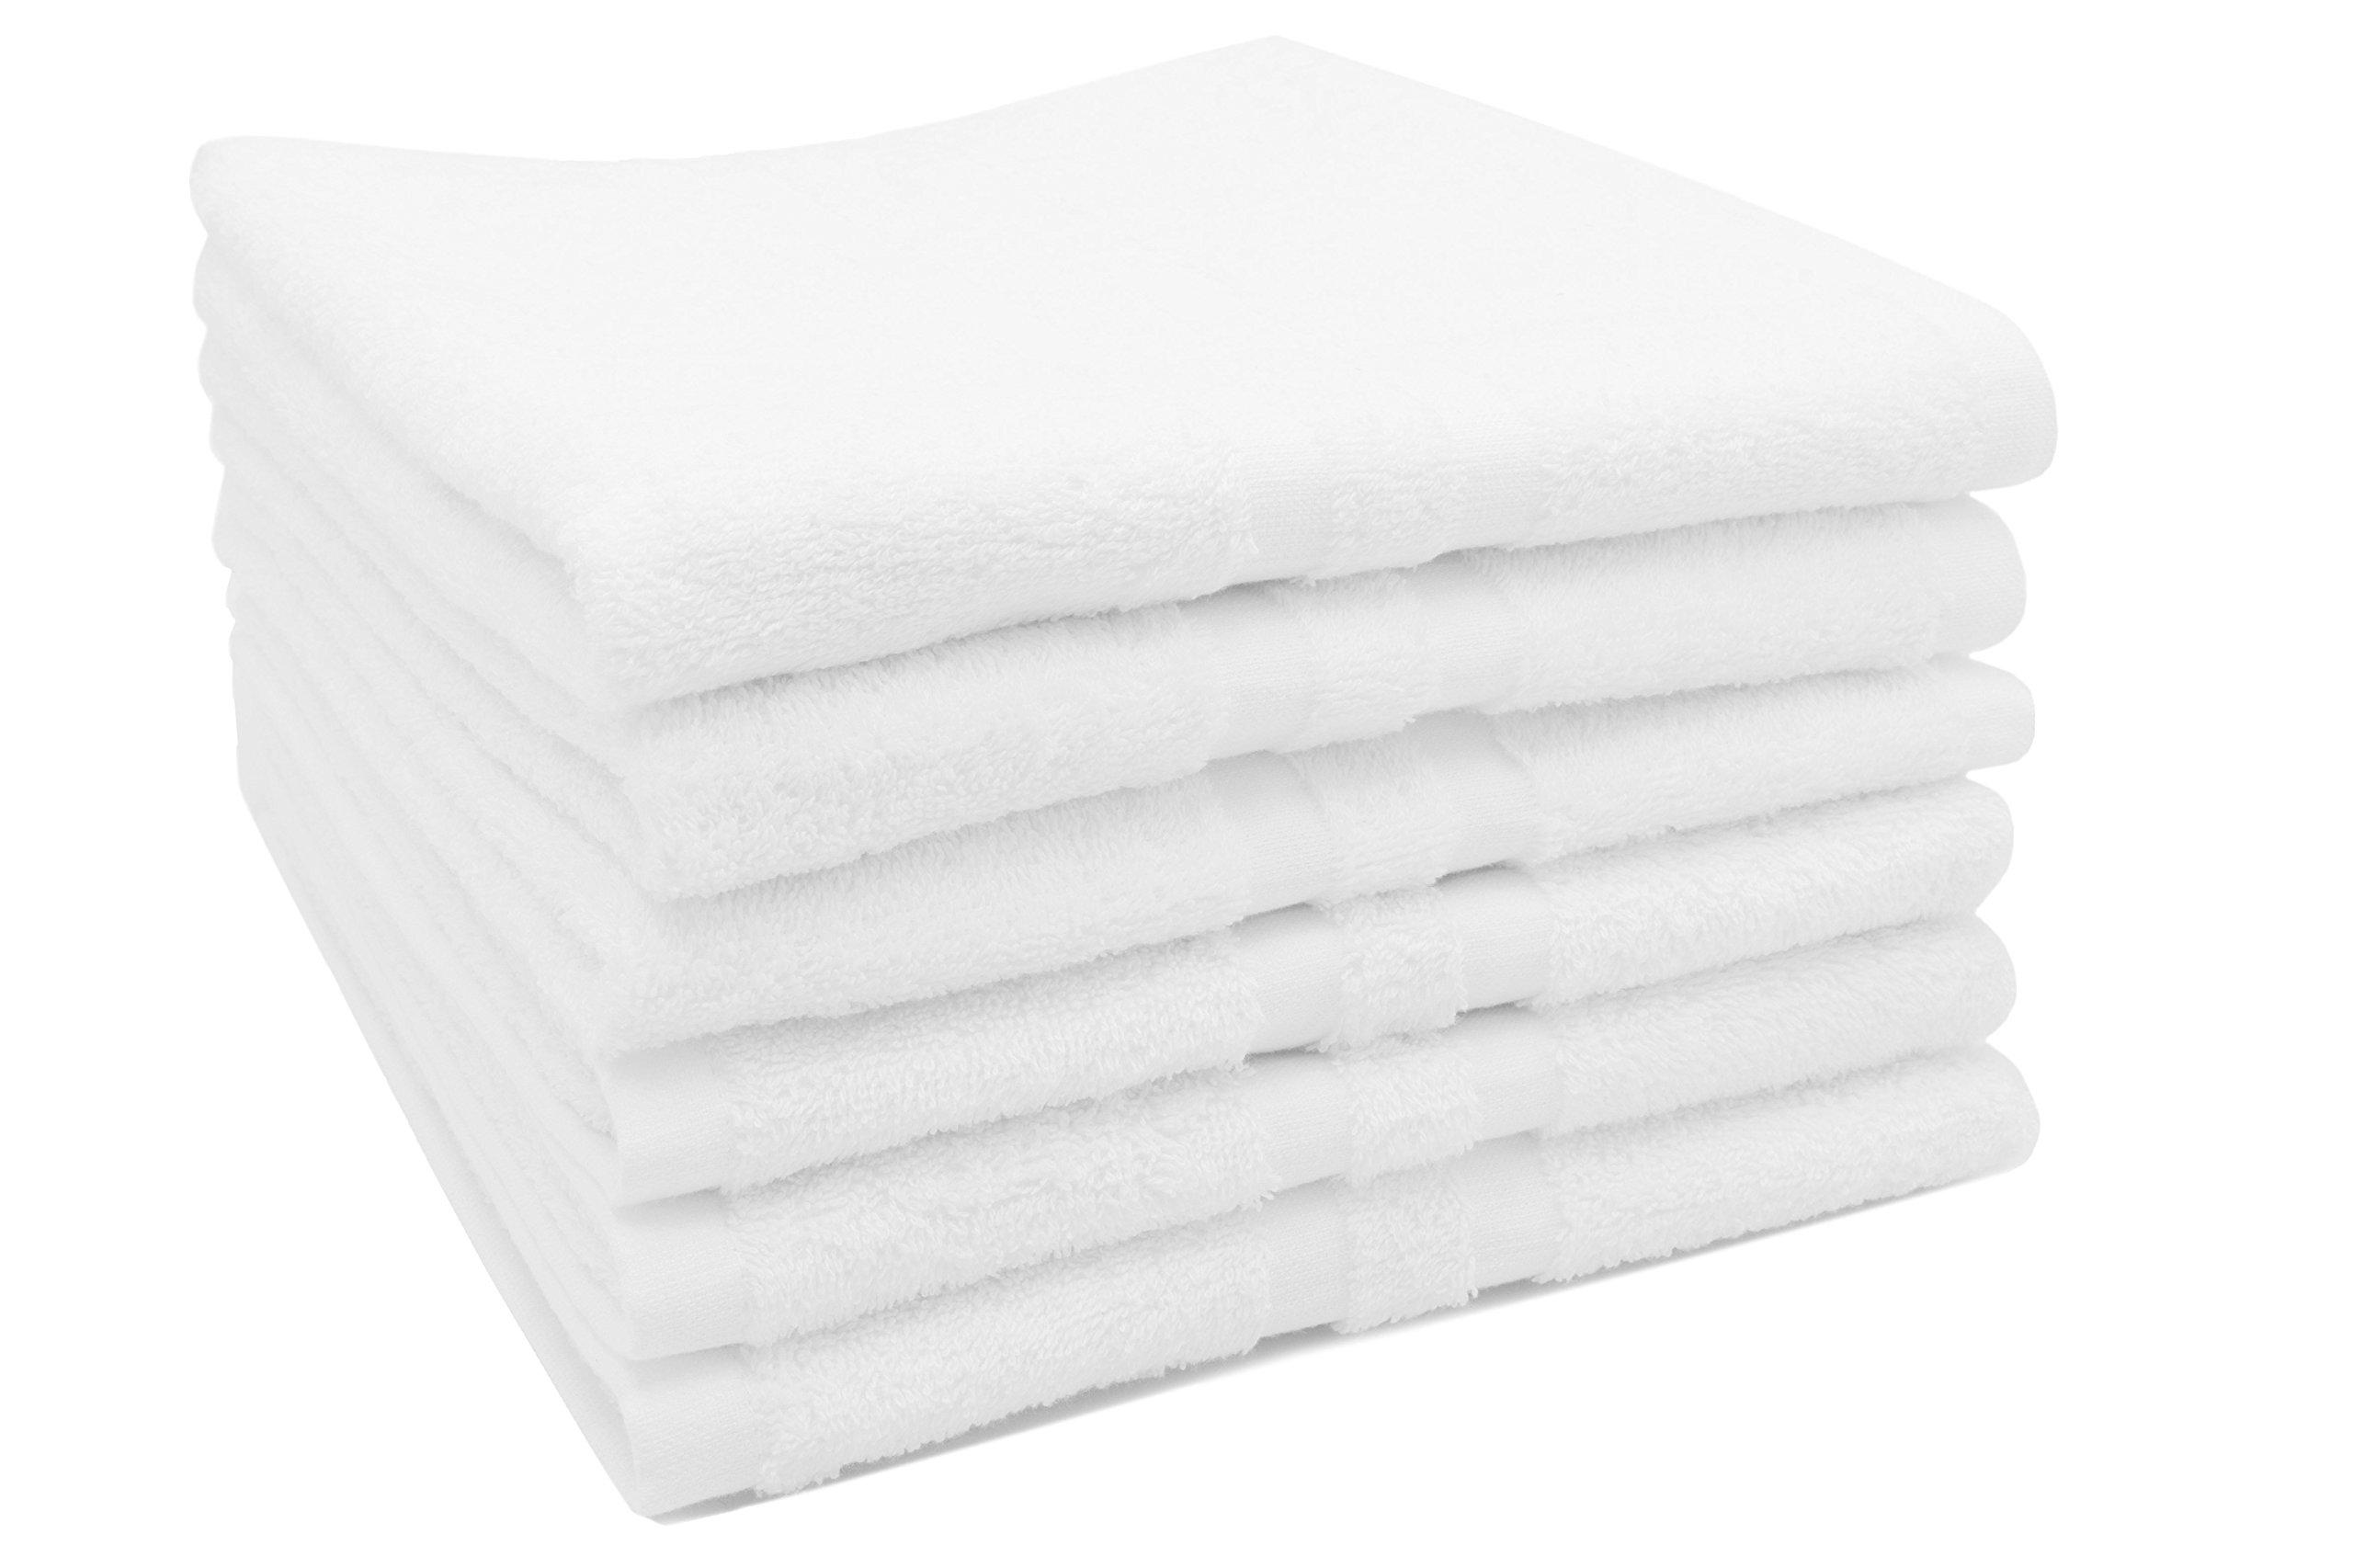 ZOLLNER 6 Toallas de Mano para Lavabo de algodón 100%, 50x70 cm, Blancas